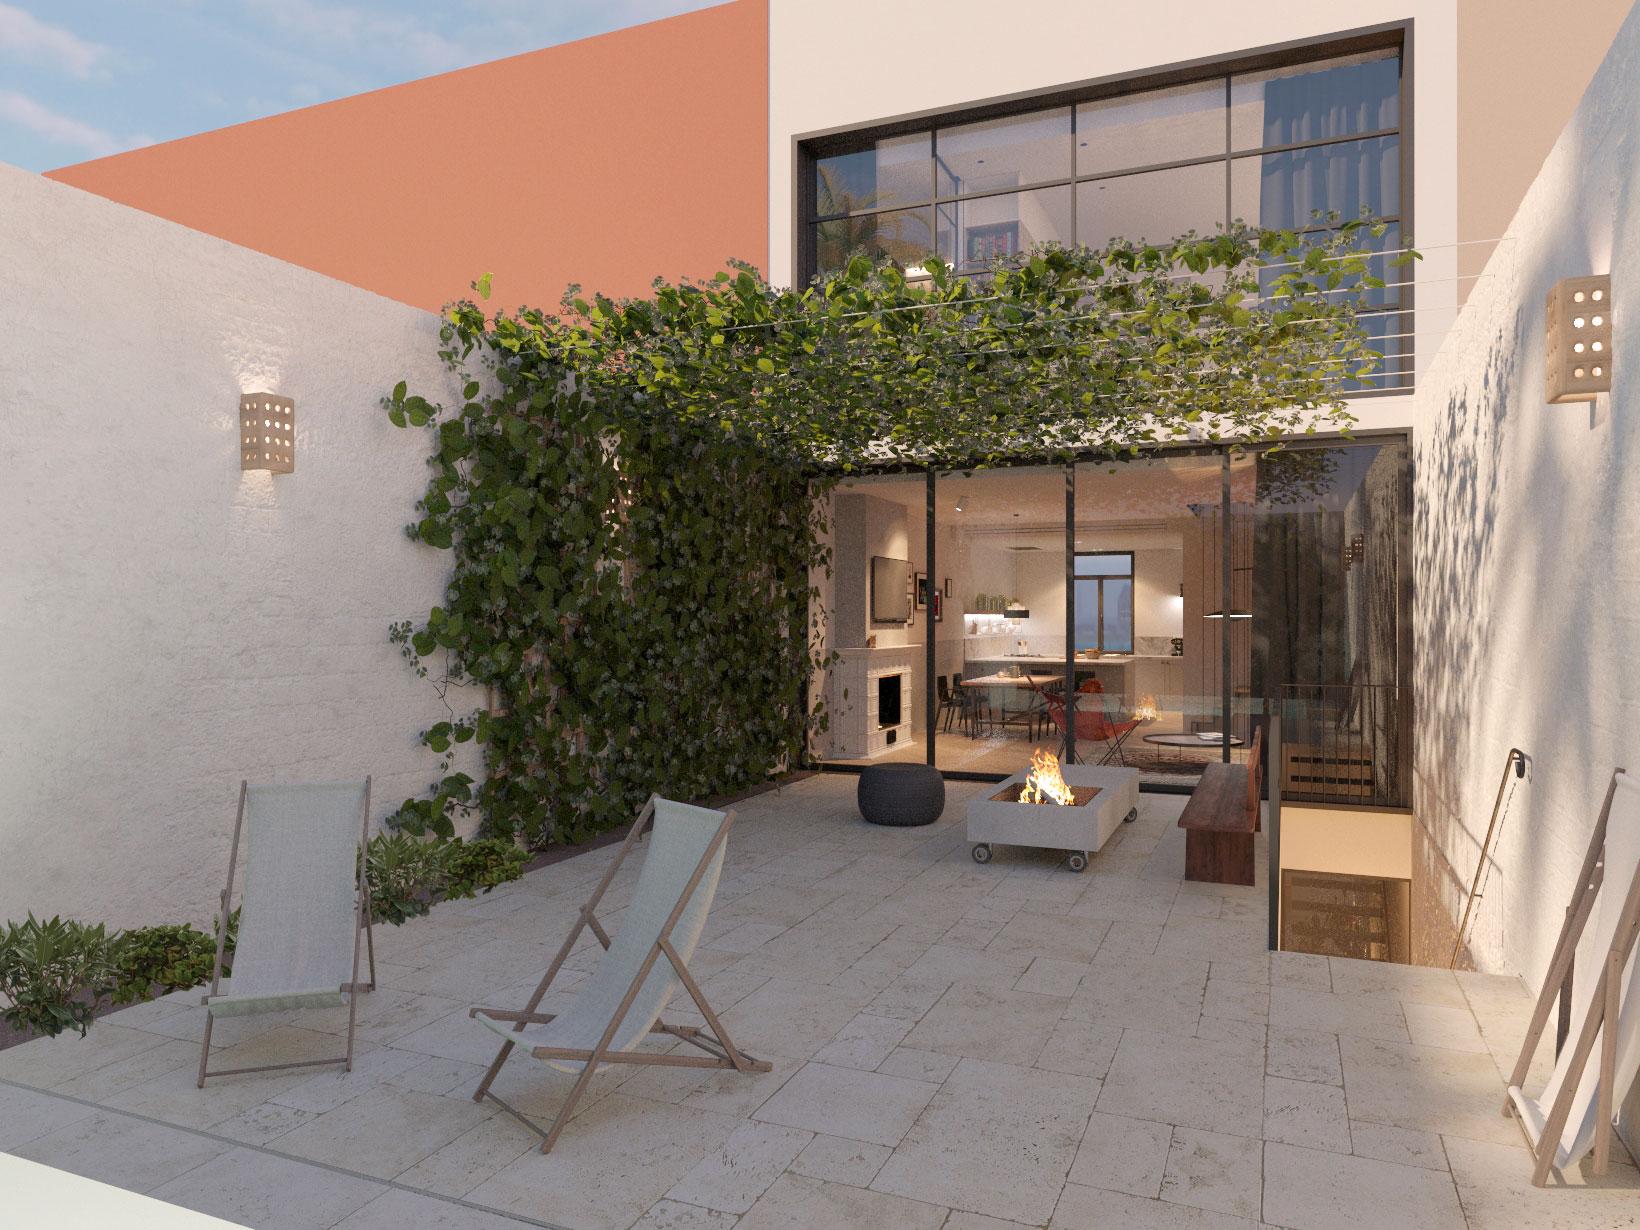 Palma 213 estudio cano arquitectura mallorca - Estudio arquitectura mallorca ...